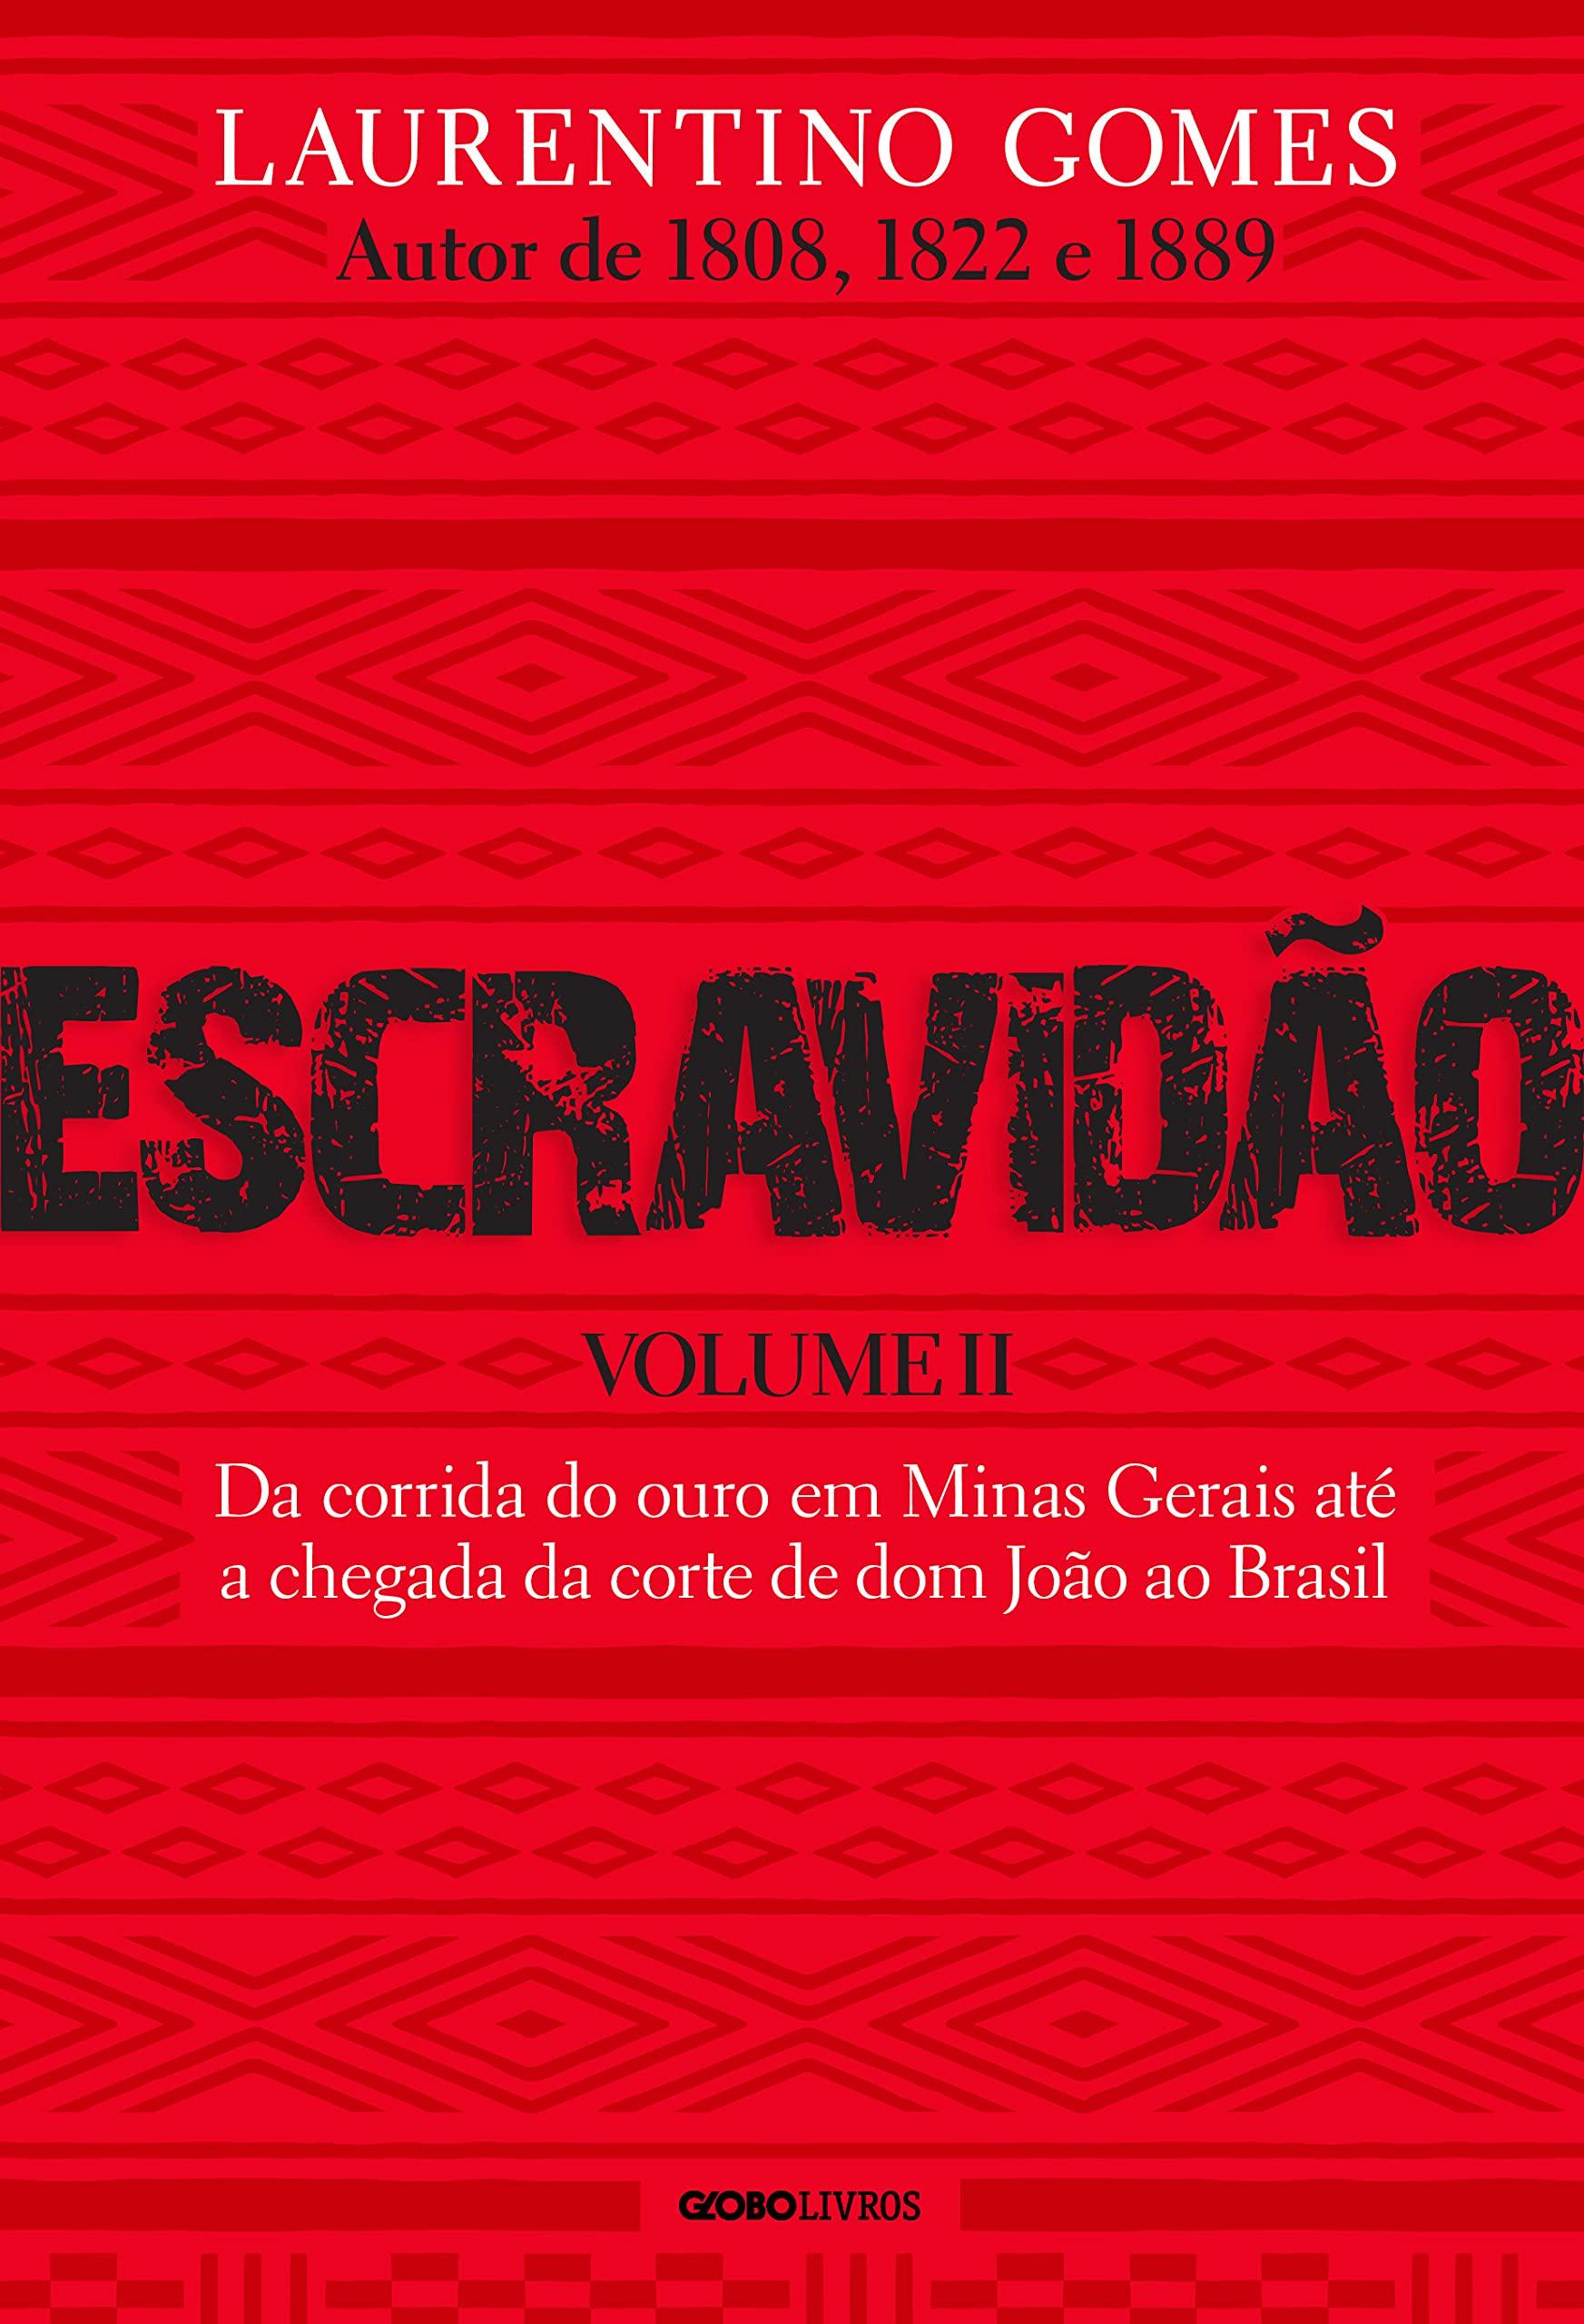 Escravidão volume II